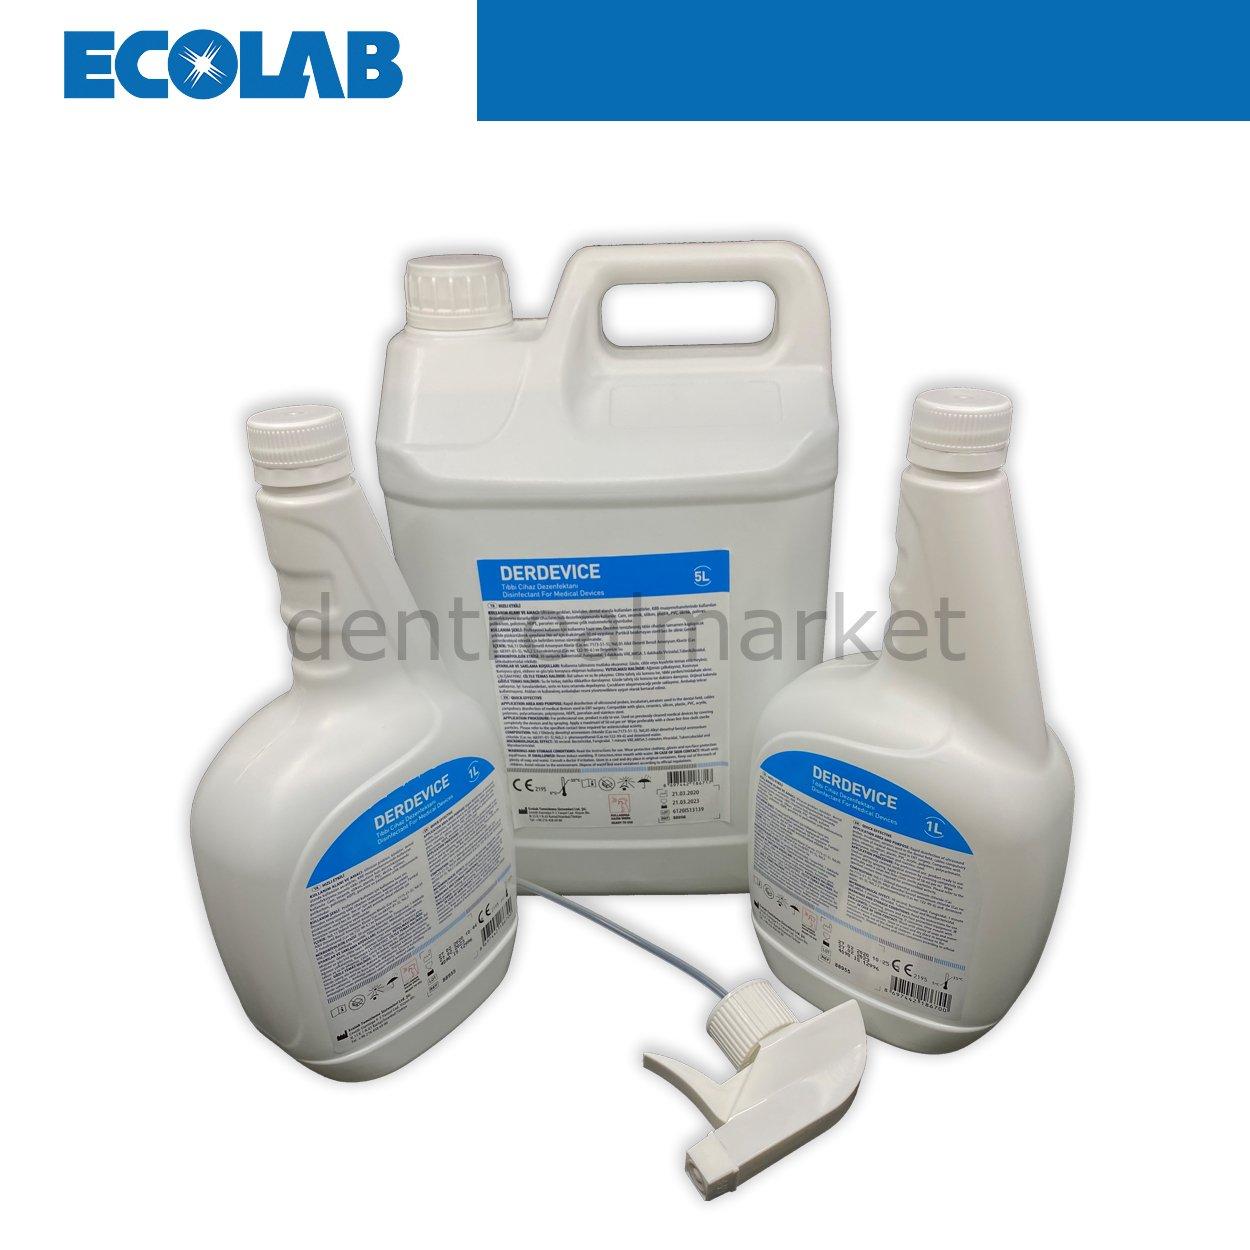 Derdevice Alkolsüz Hızlı Yüzey Dezenfektanı Seti